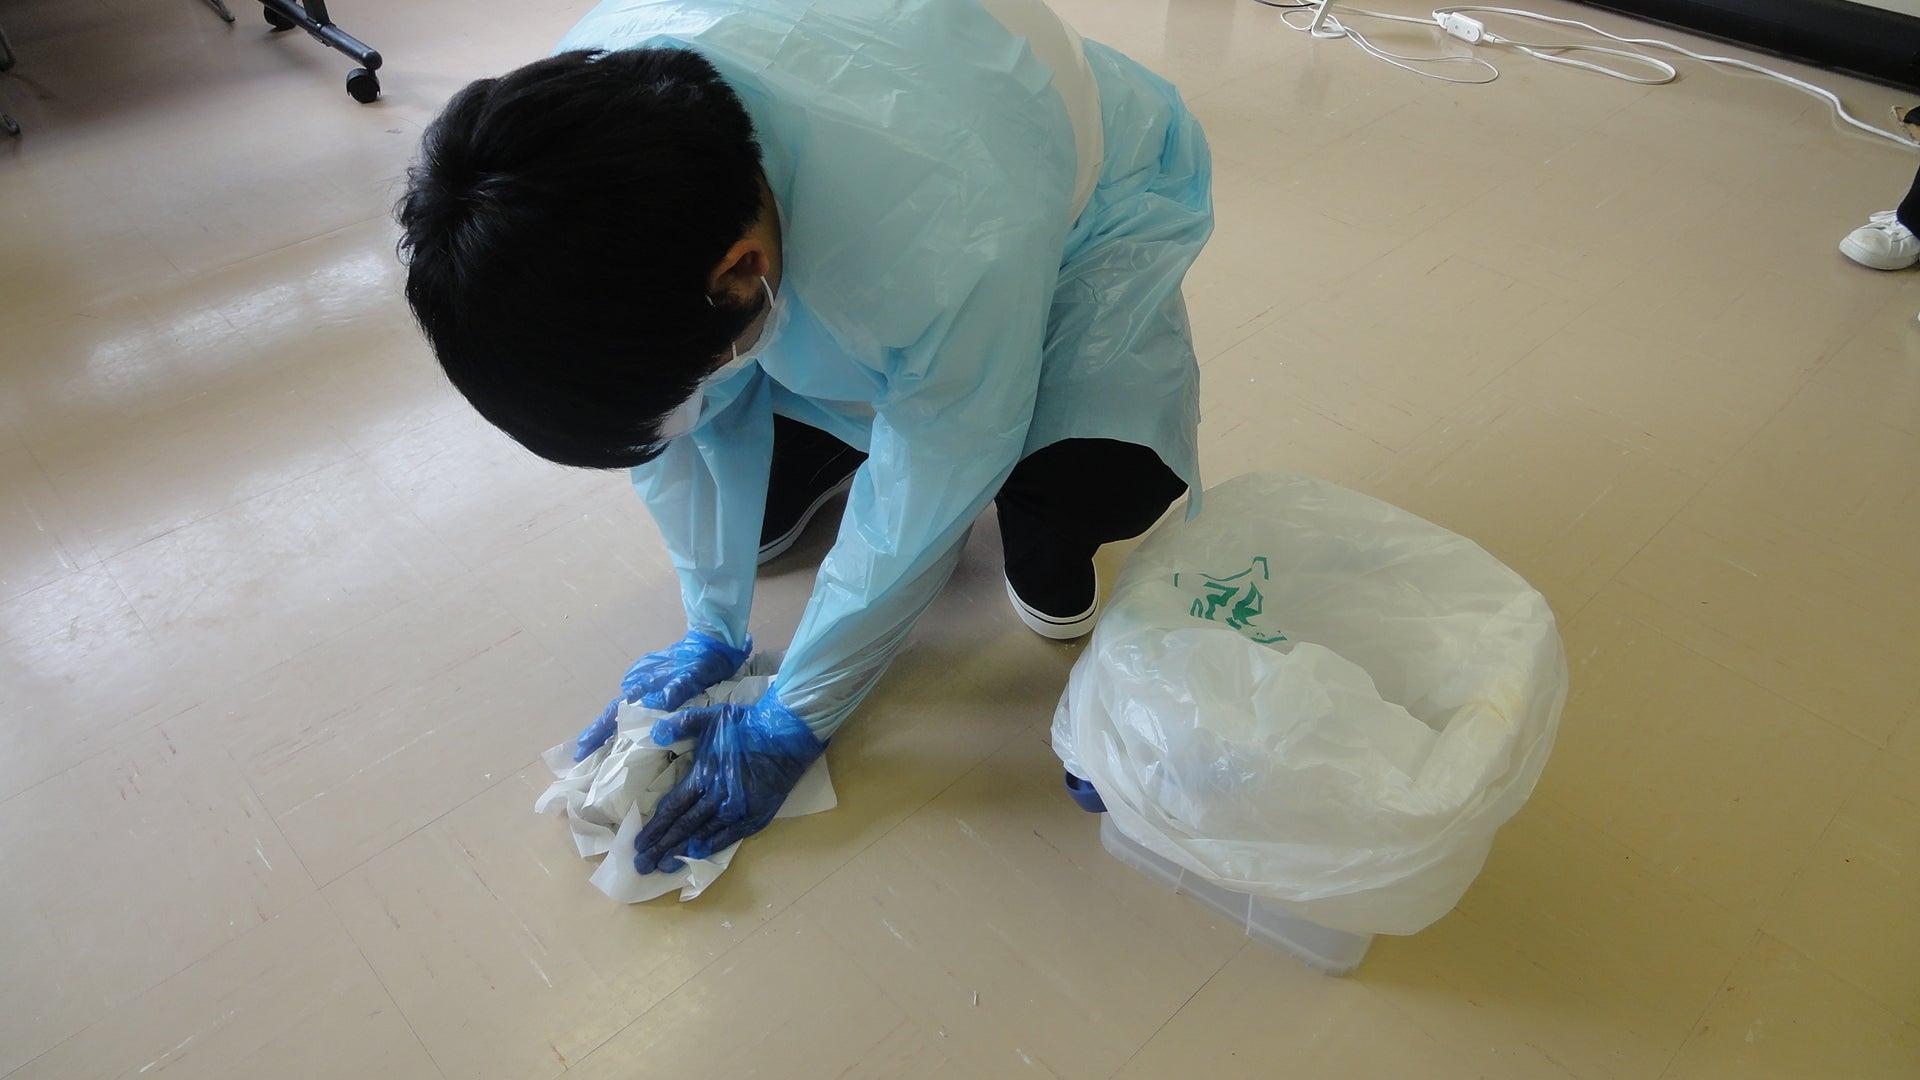 熱川温泉病院のブログ院内感染性嘔吐物 実技研修